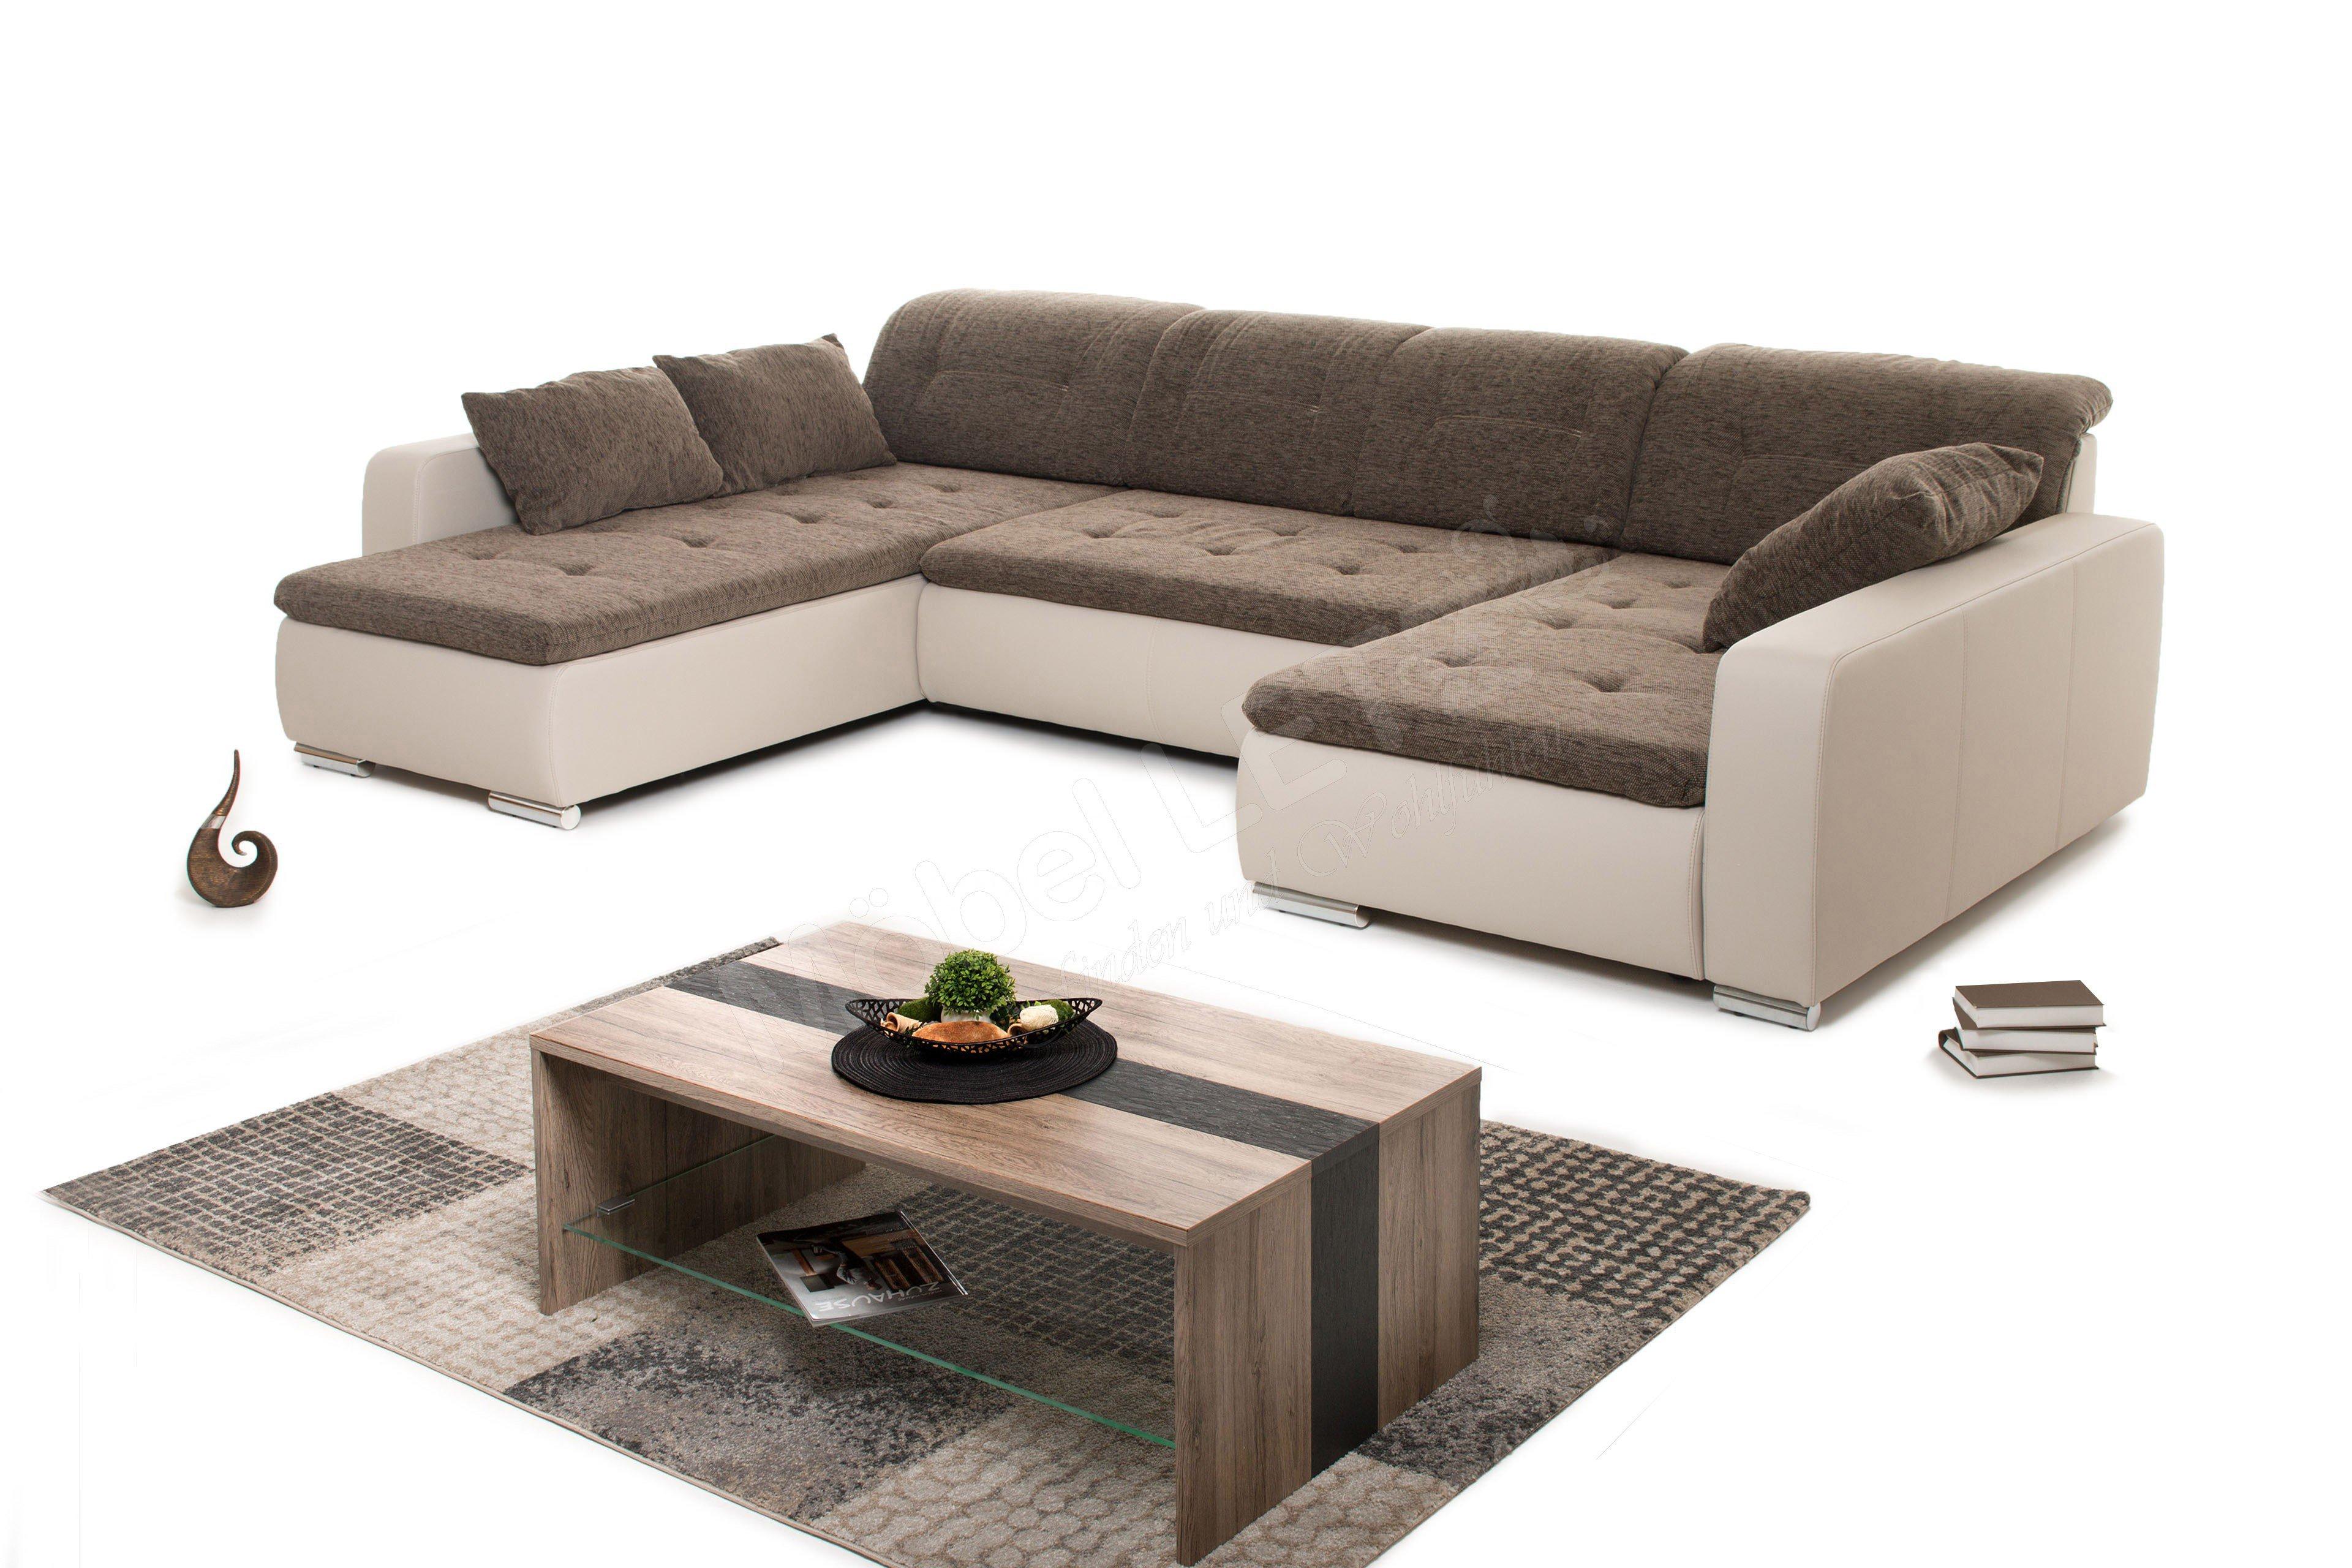 polstergarnitur ferrara in braun beige von jockenh fer m bel letz ihr online shop. Black Bedroom Furniture Sets. Home Design Ideas